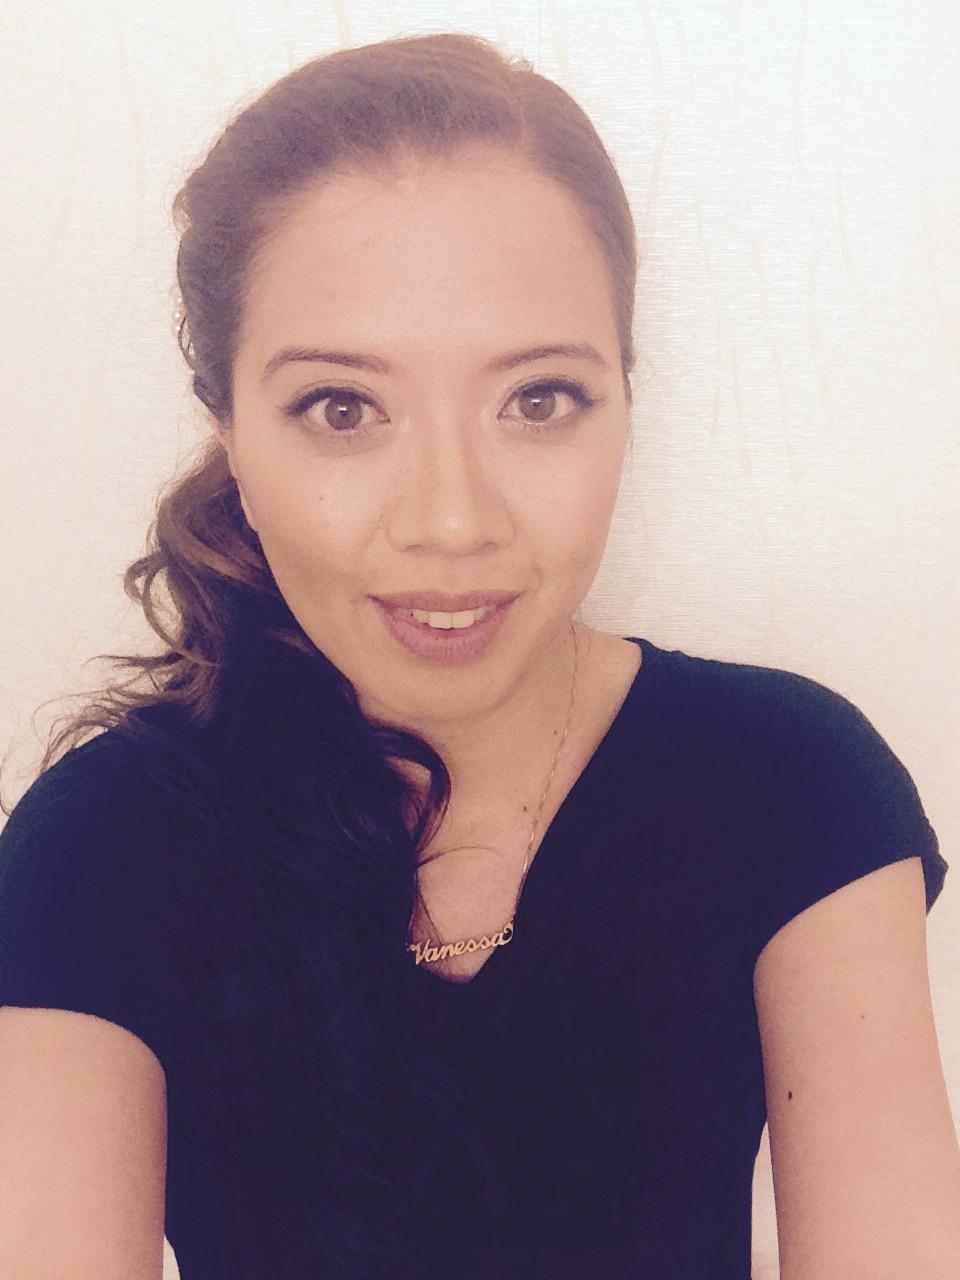 Vanessa Espina